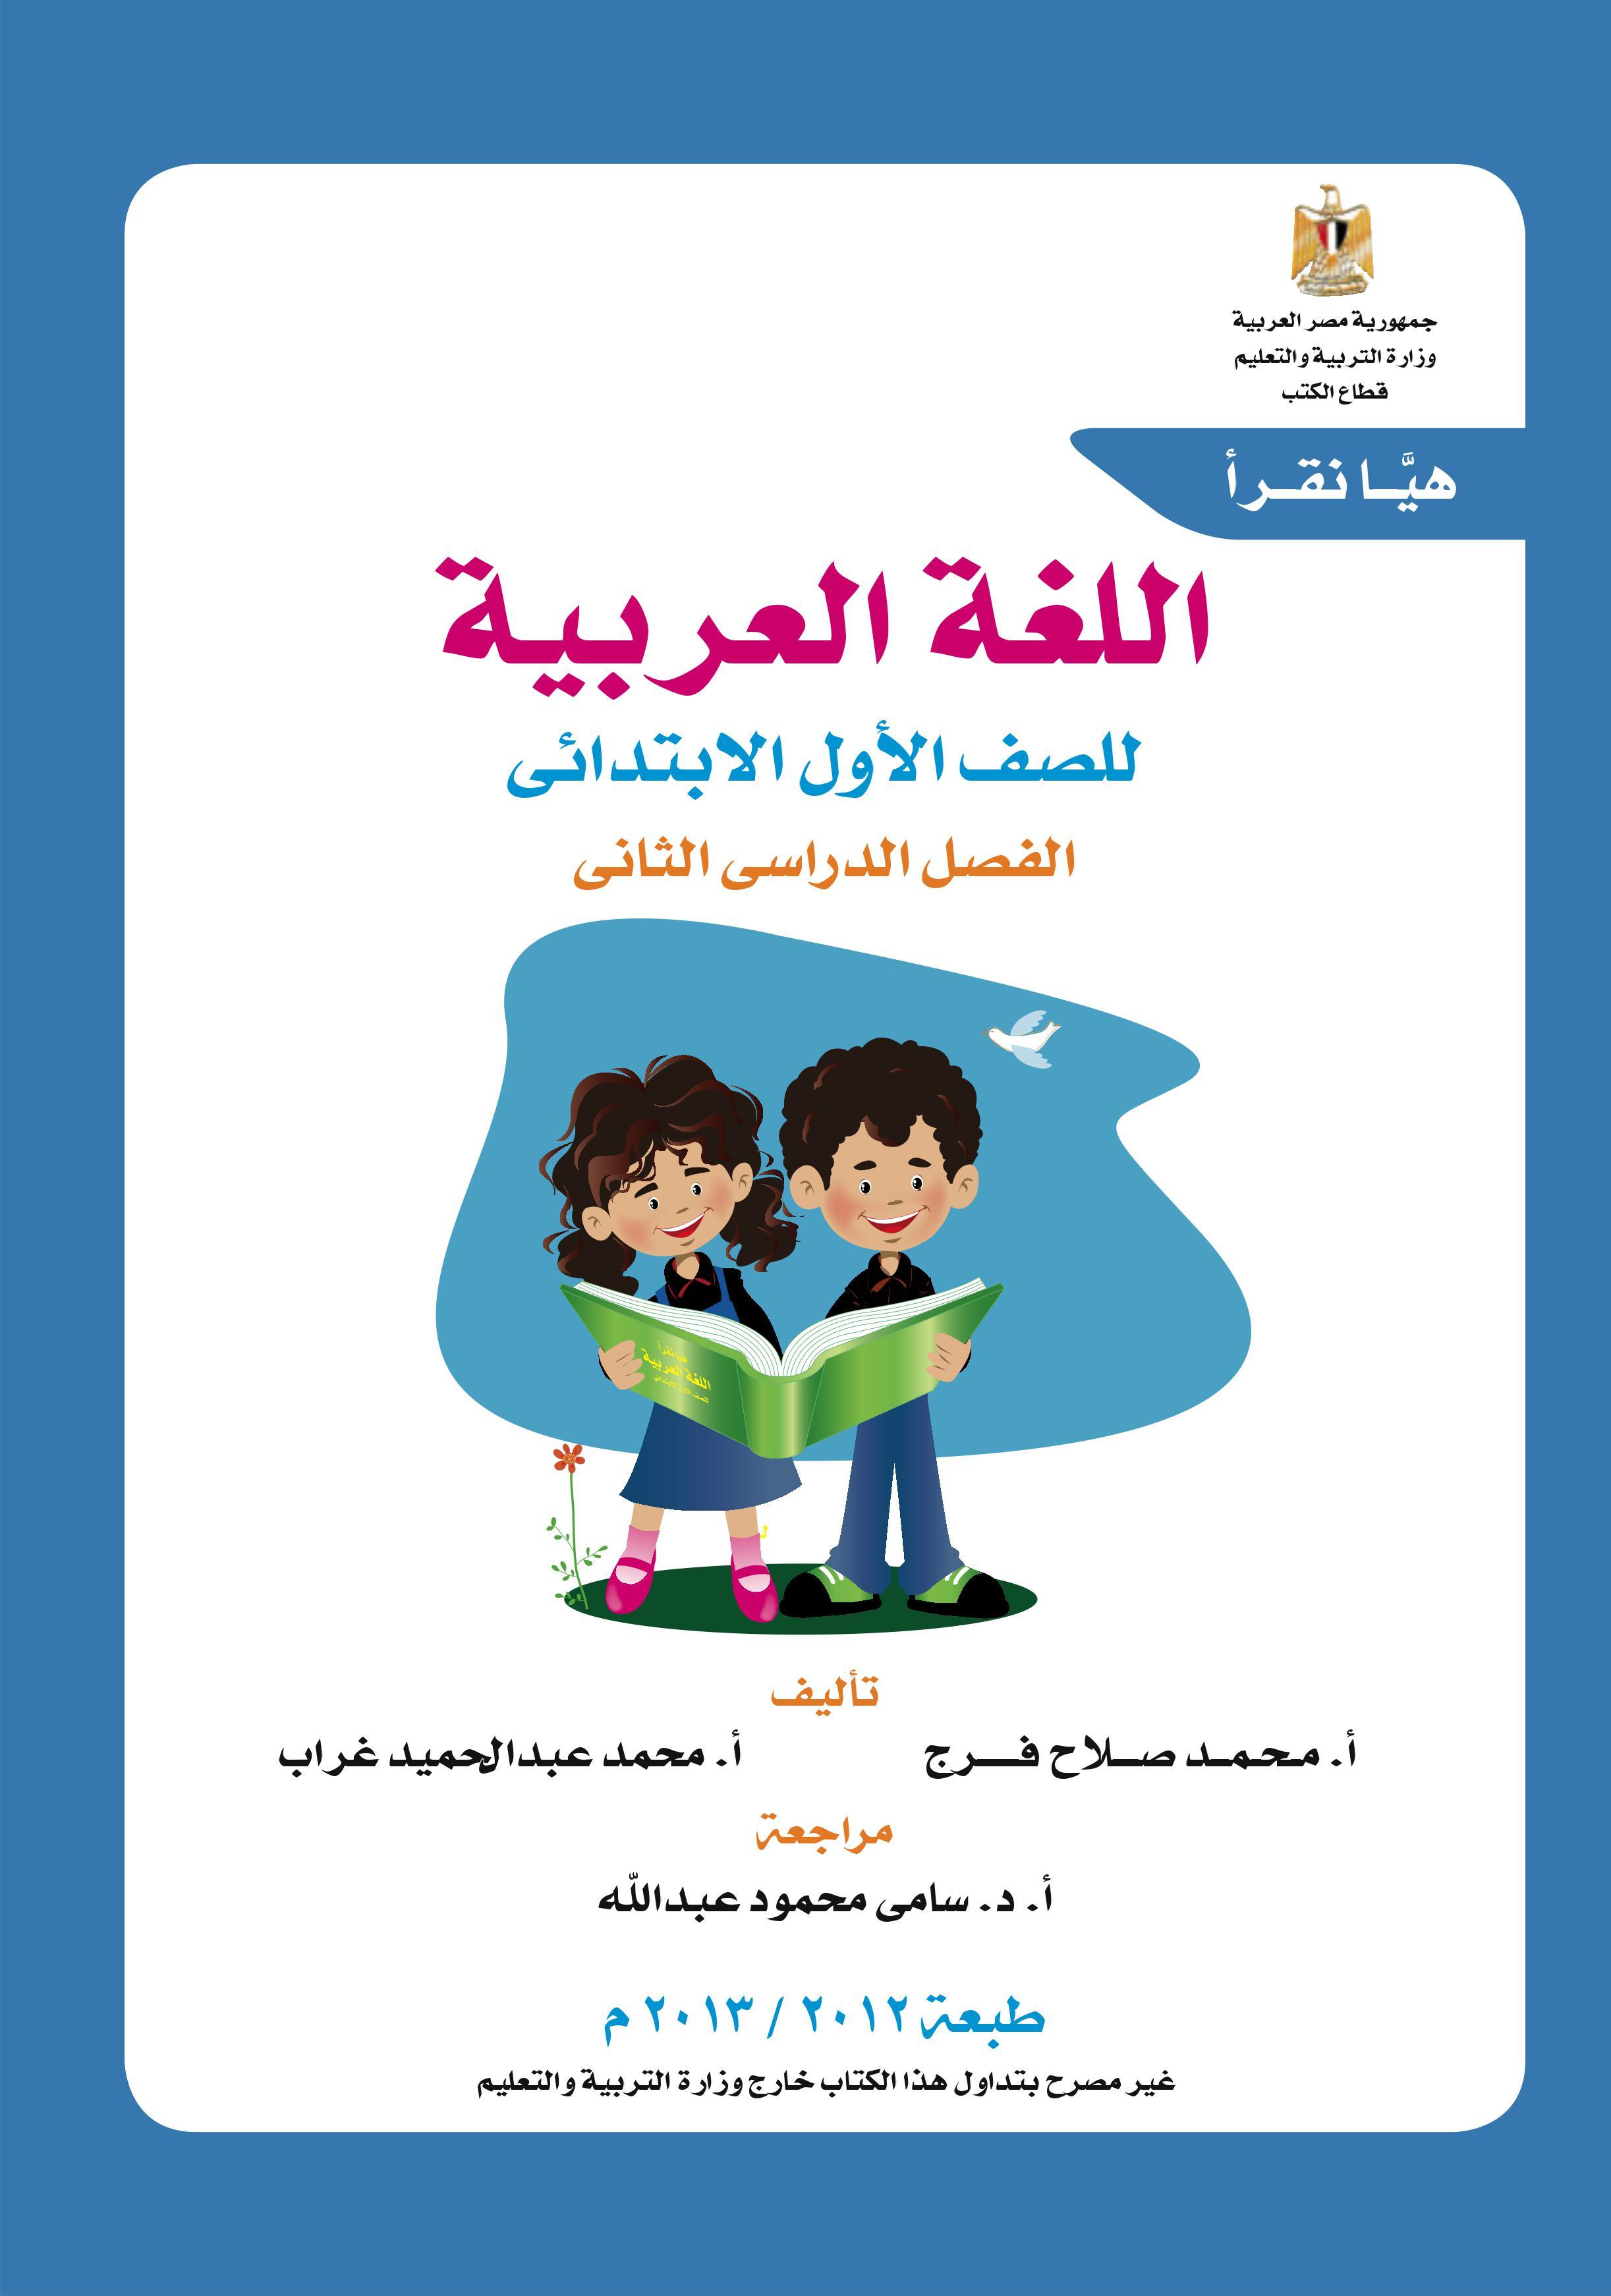 كتب الصف الاول الابتدائي pdf